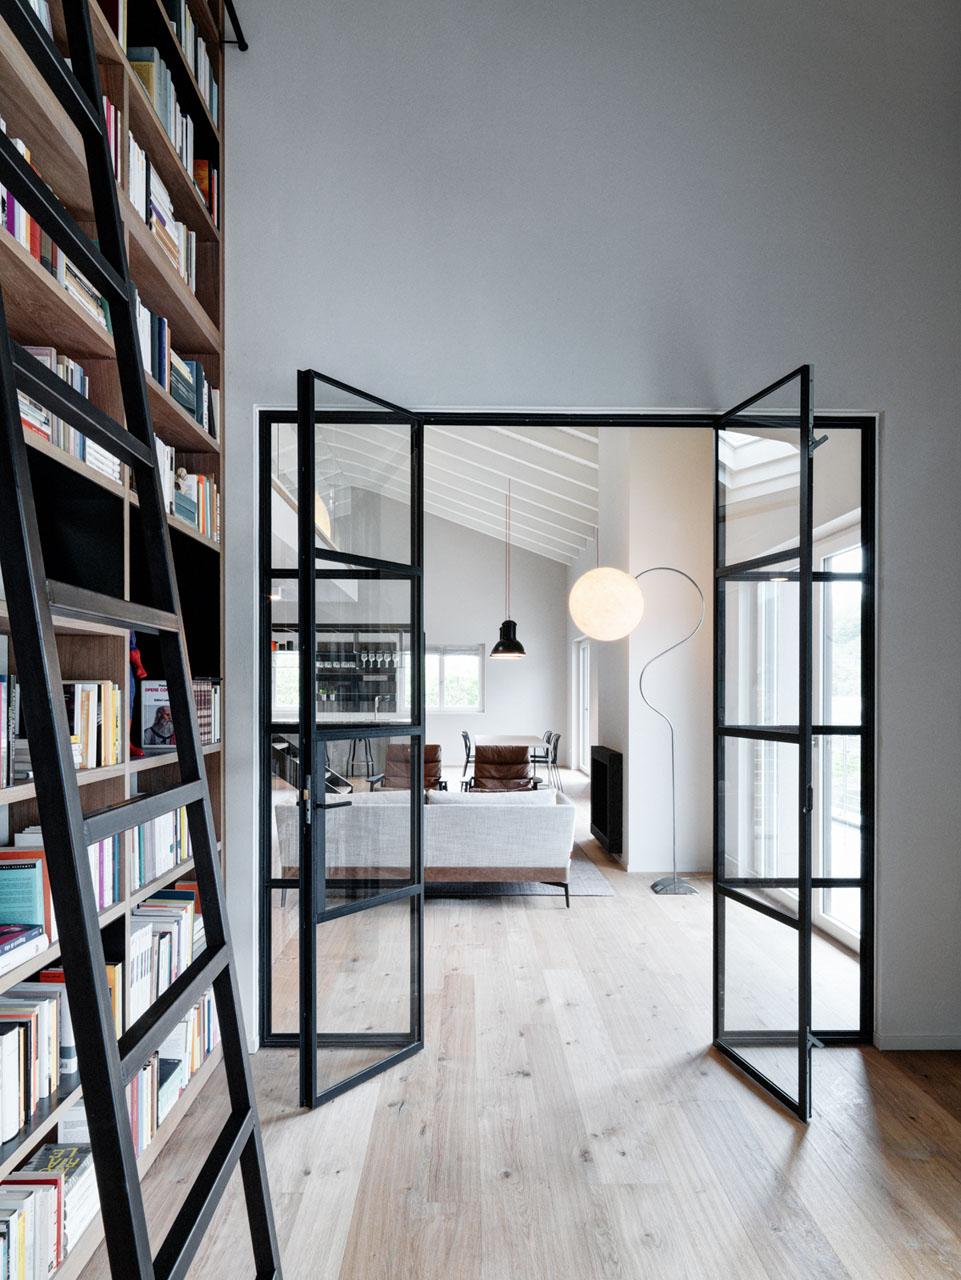 Mezzanine Bedroom Loft Interiors